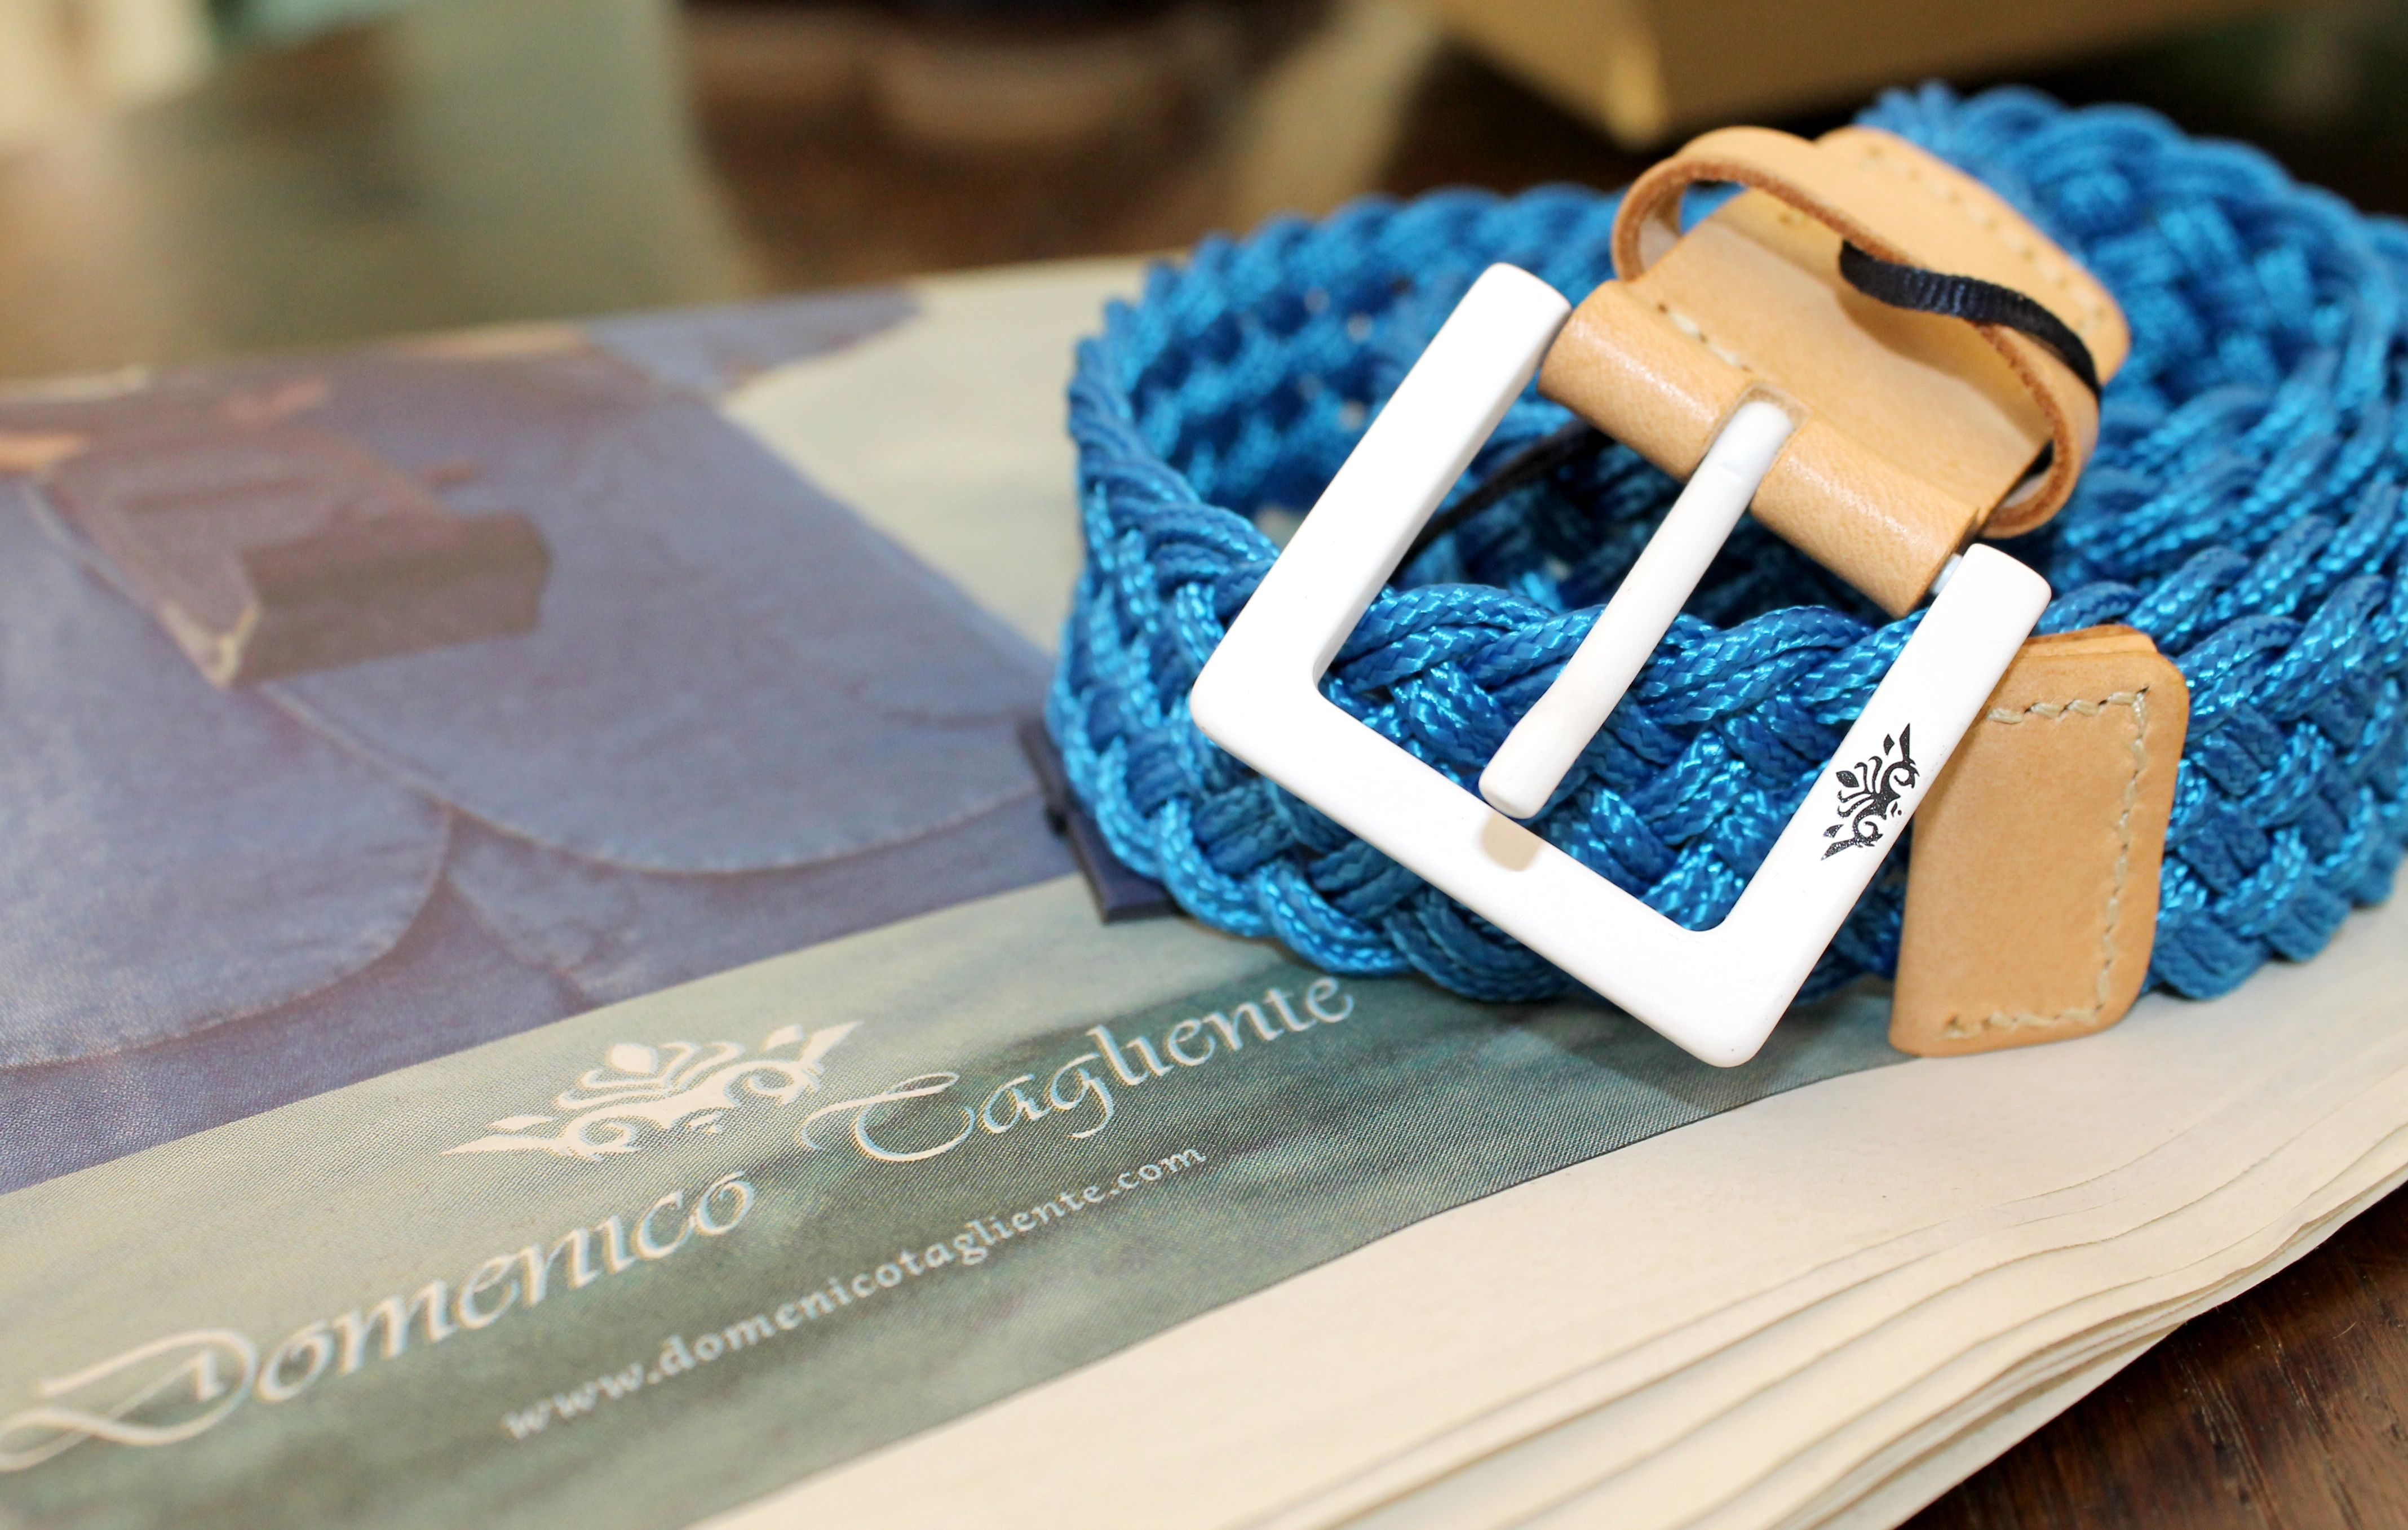 Per la nuova collezione Primavera/Estate 2015 Domenico Tagliente punta tutto su uno stile eco-compatibile, ispirandosi ai colori della natura. Immancabile l'azzurro: nuance brillante che riflette l'intensità del cielo e del mare per poi riemergere negli accessori, 'must have' del guardaroba maschile.  #domenicotagliente #moda #modauomo #accessorize #sky #fashion #details #italy #puglia #primaveraestate #style #madeinitaly